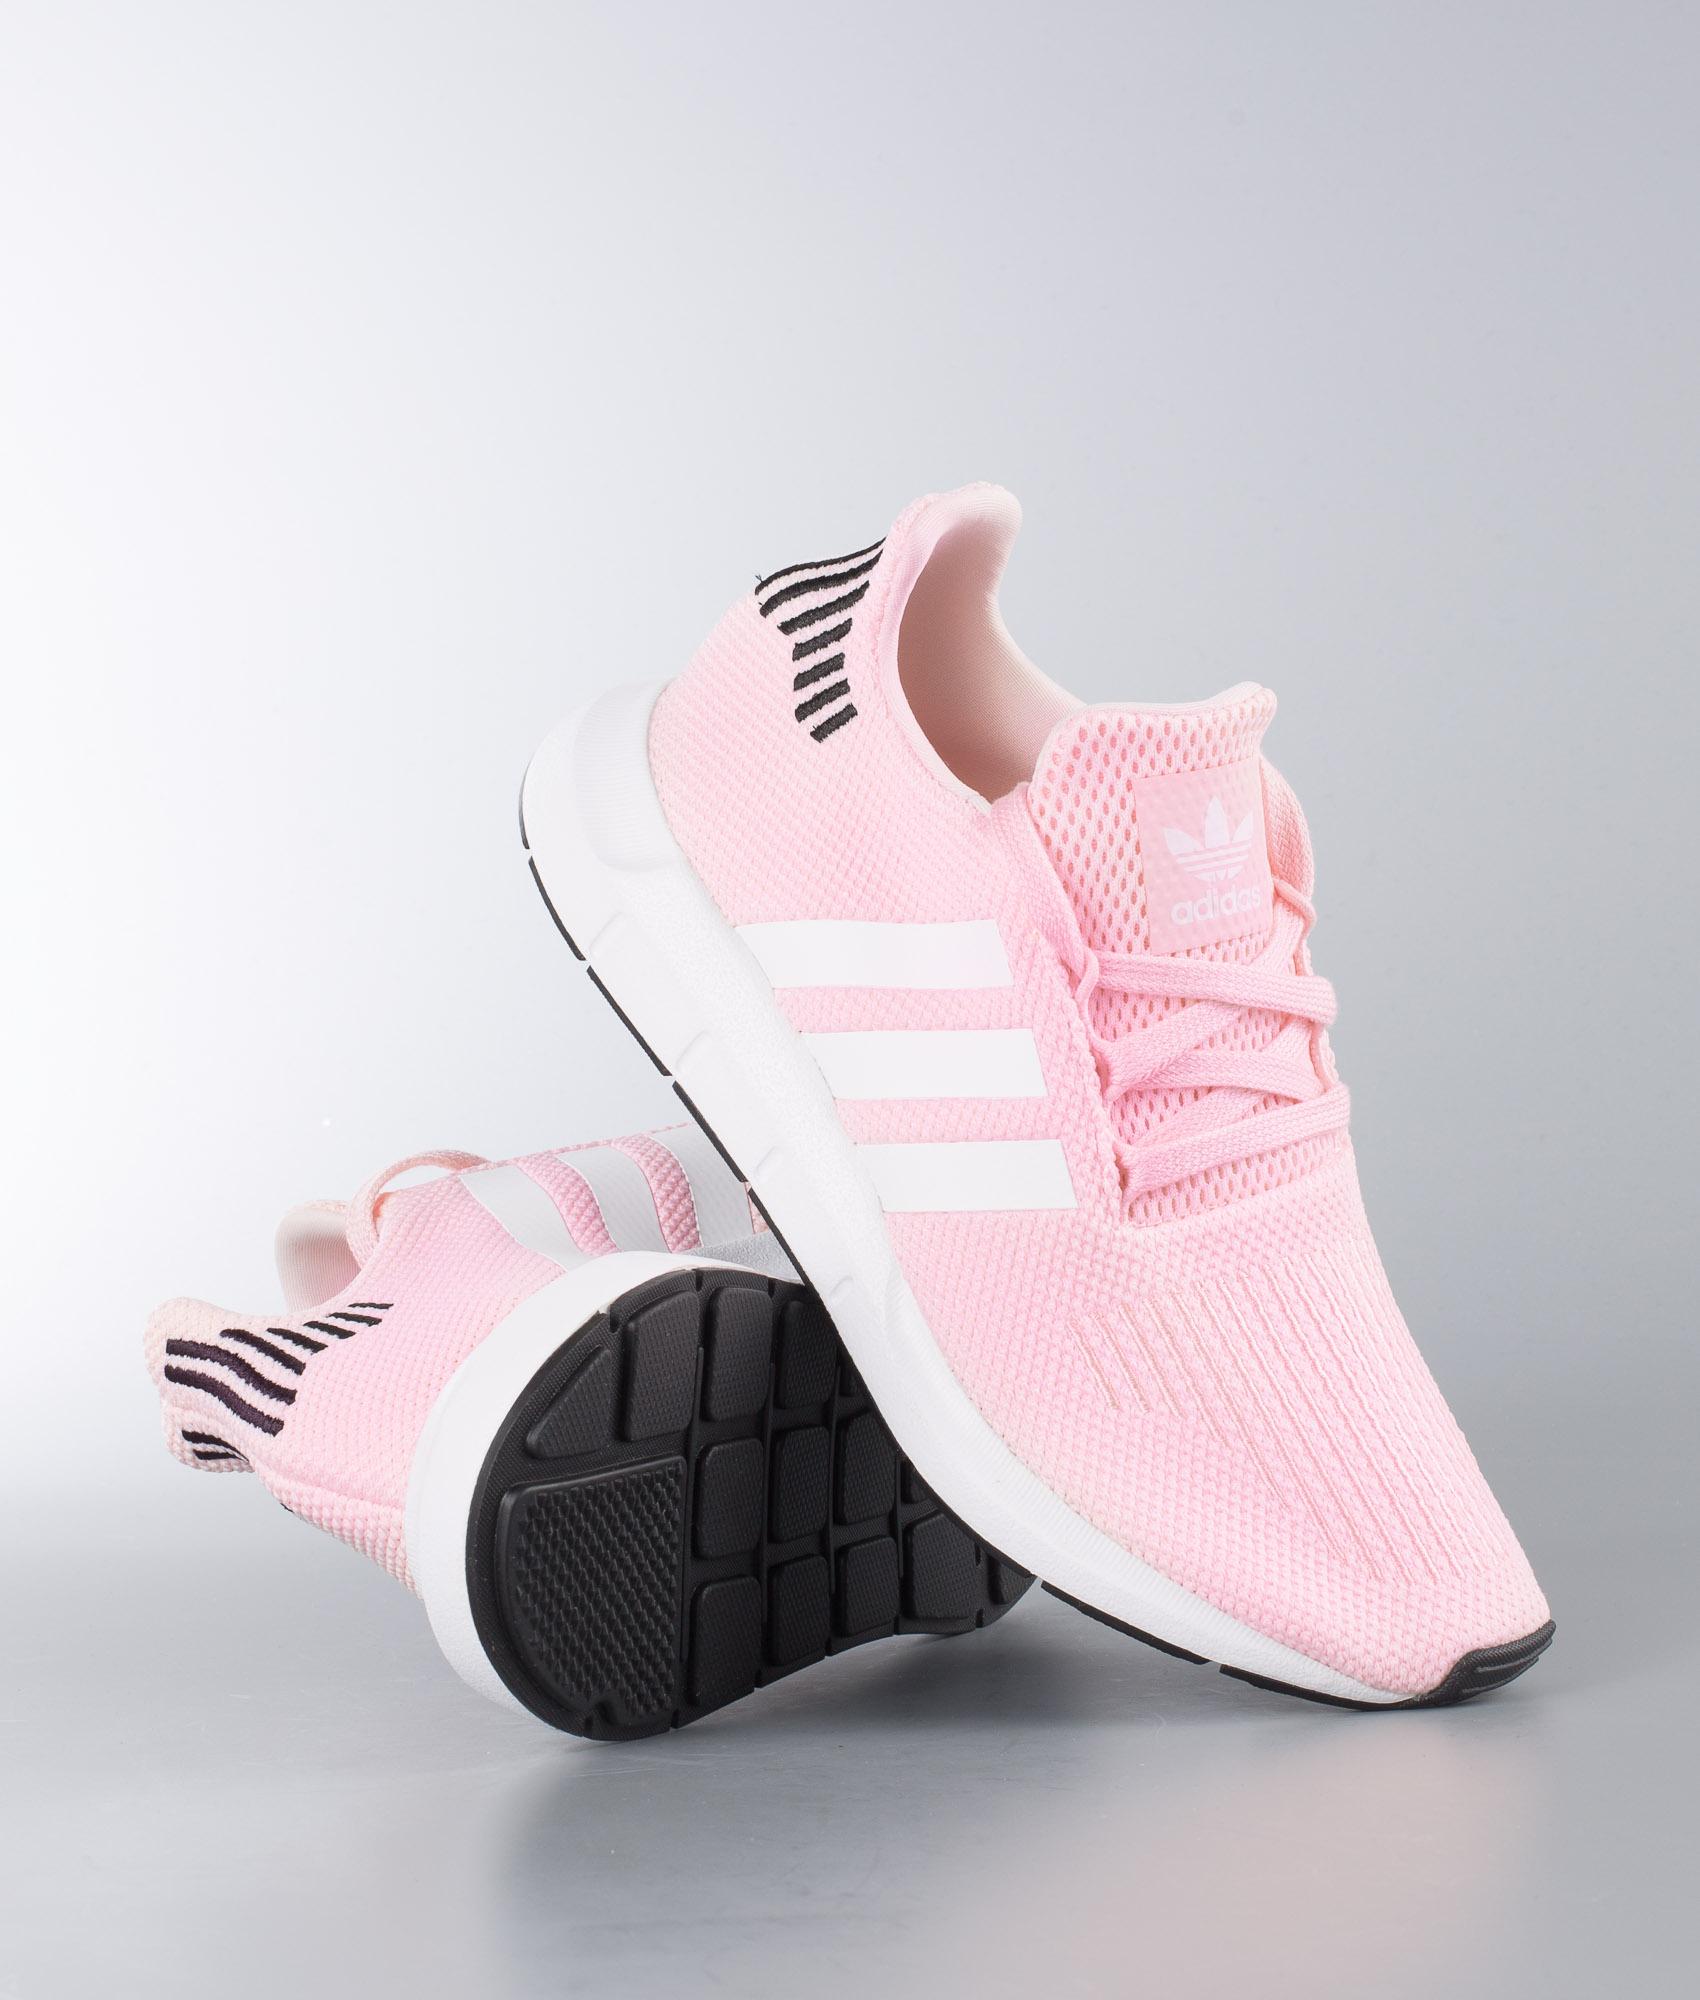 Adidas Originals Swift Run W Schuhe Ice PinkFtwr WhiteCore Black